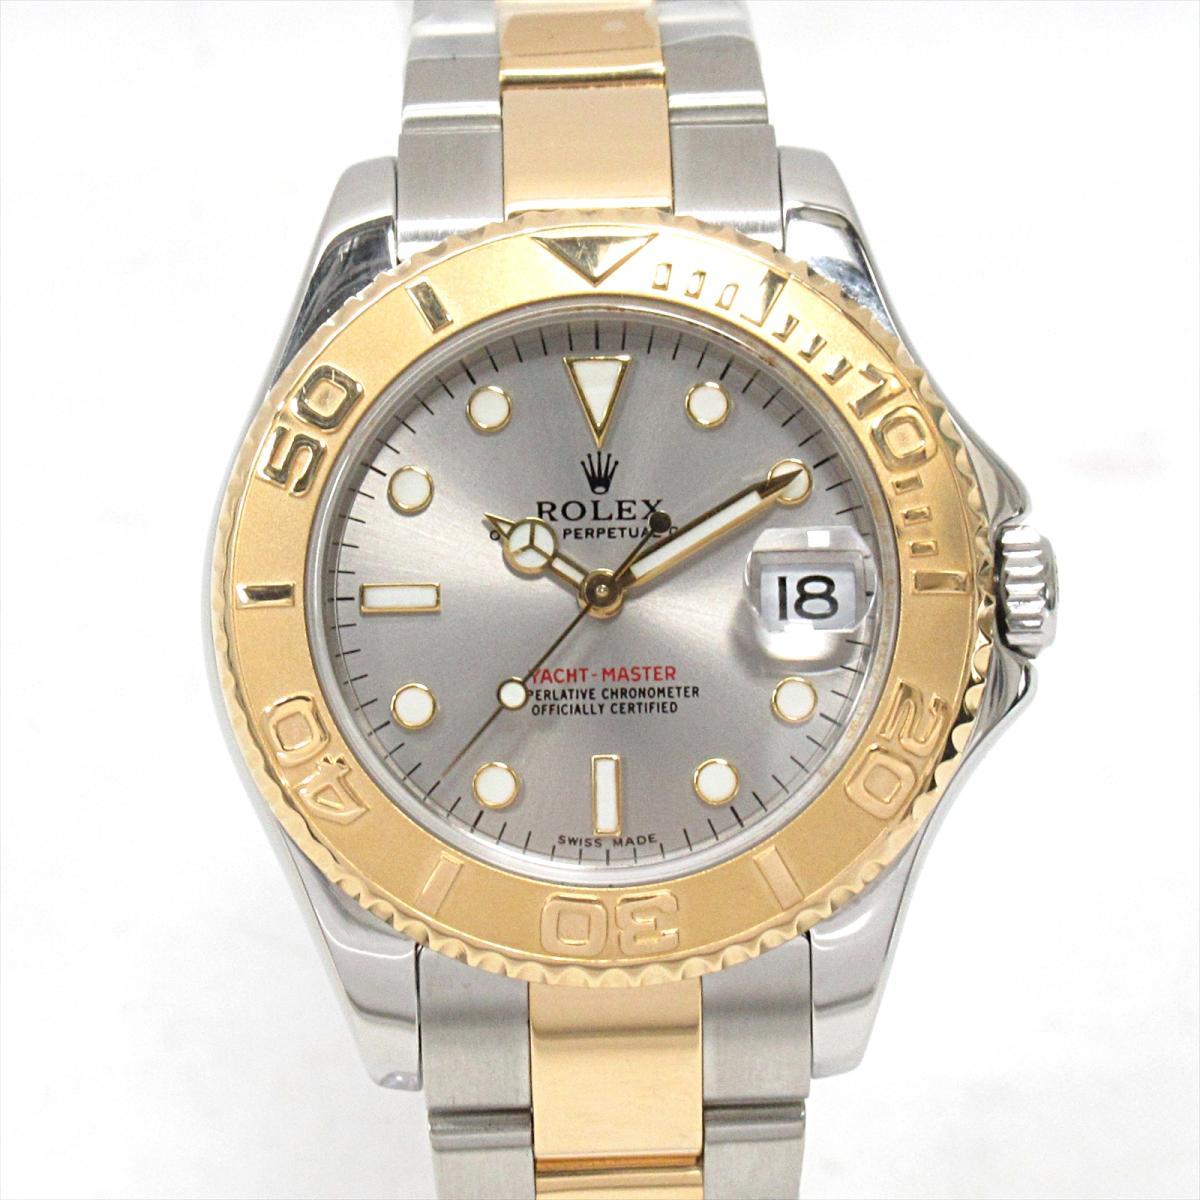 【中古】 ロレックス ヨットマスター 腕時計 ウォッチ メンズ レディース ステンレススチール (SS) x K18YG (750)イエローゴールド (168623) | ROLEX オートマチック 自動巻き 時計 ヨットマスター K18 18金 美品 ブランドオフ